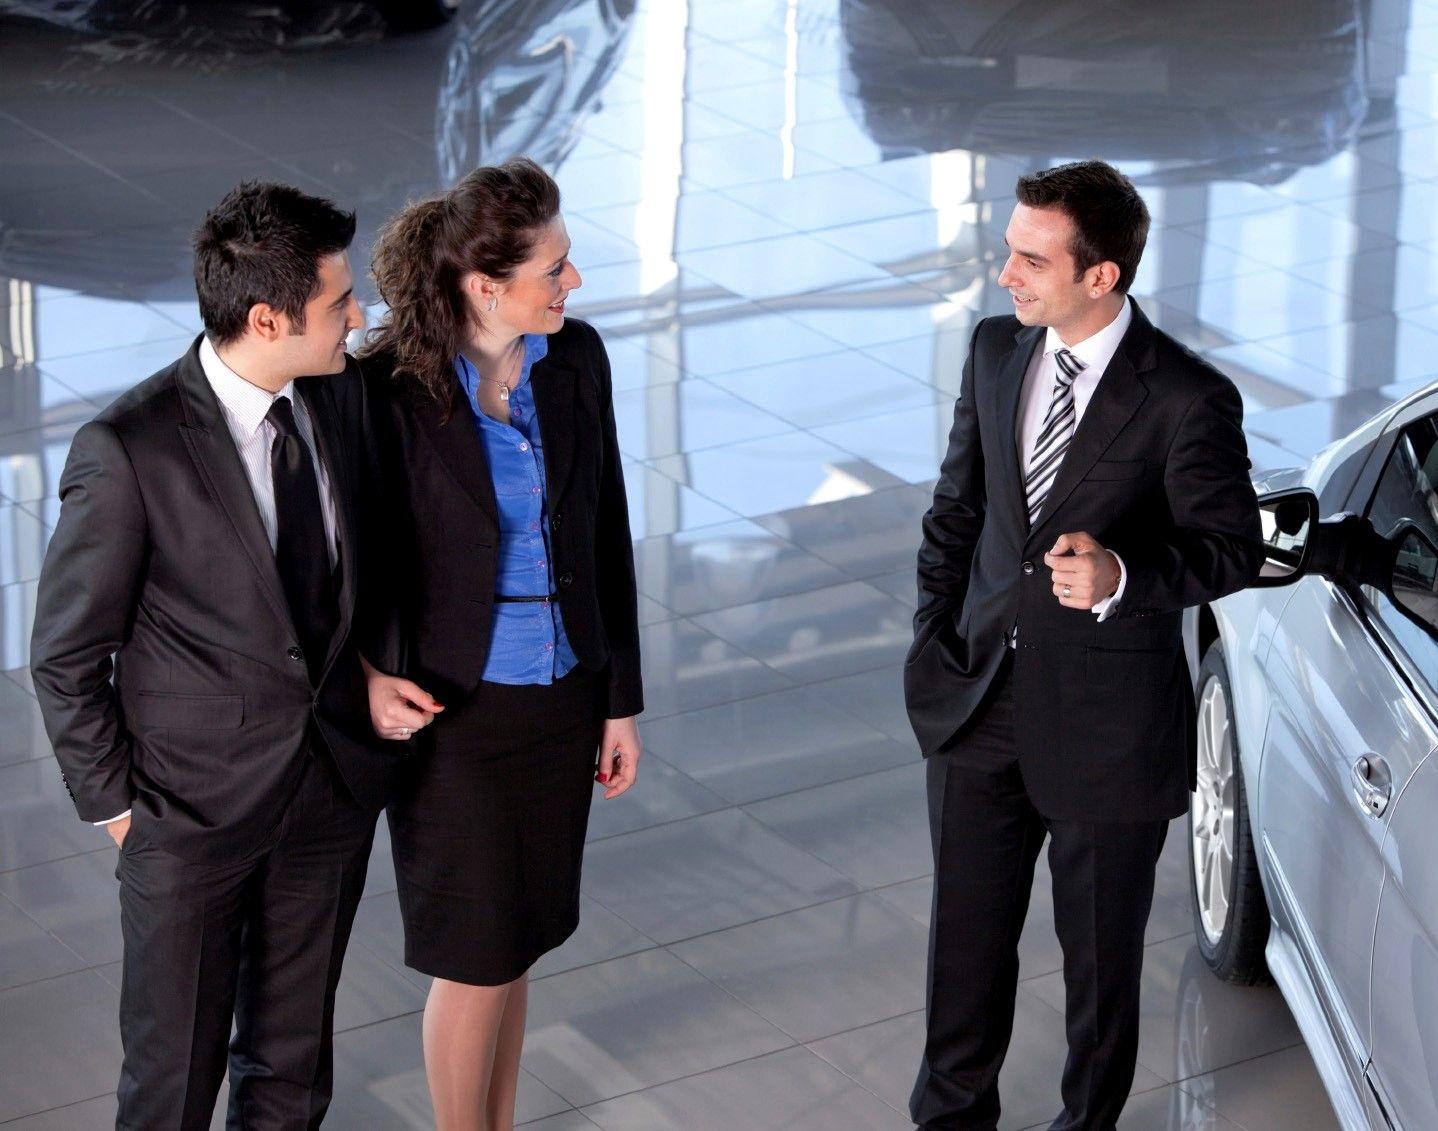 Ven a Pohanka Chevrolet, nuestros amables agentes te pueden presentar todas las opciones